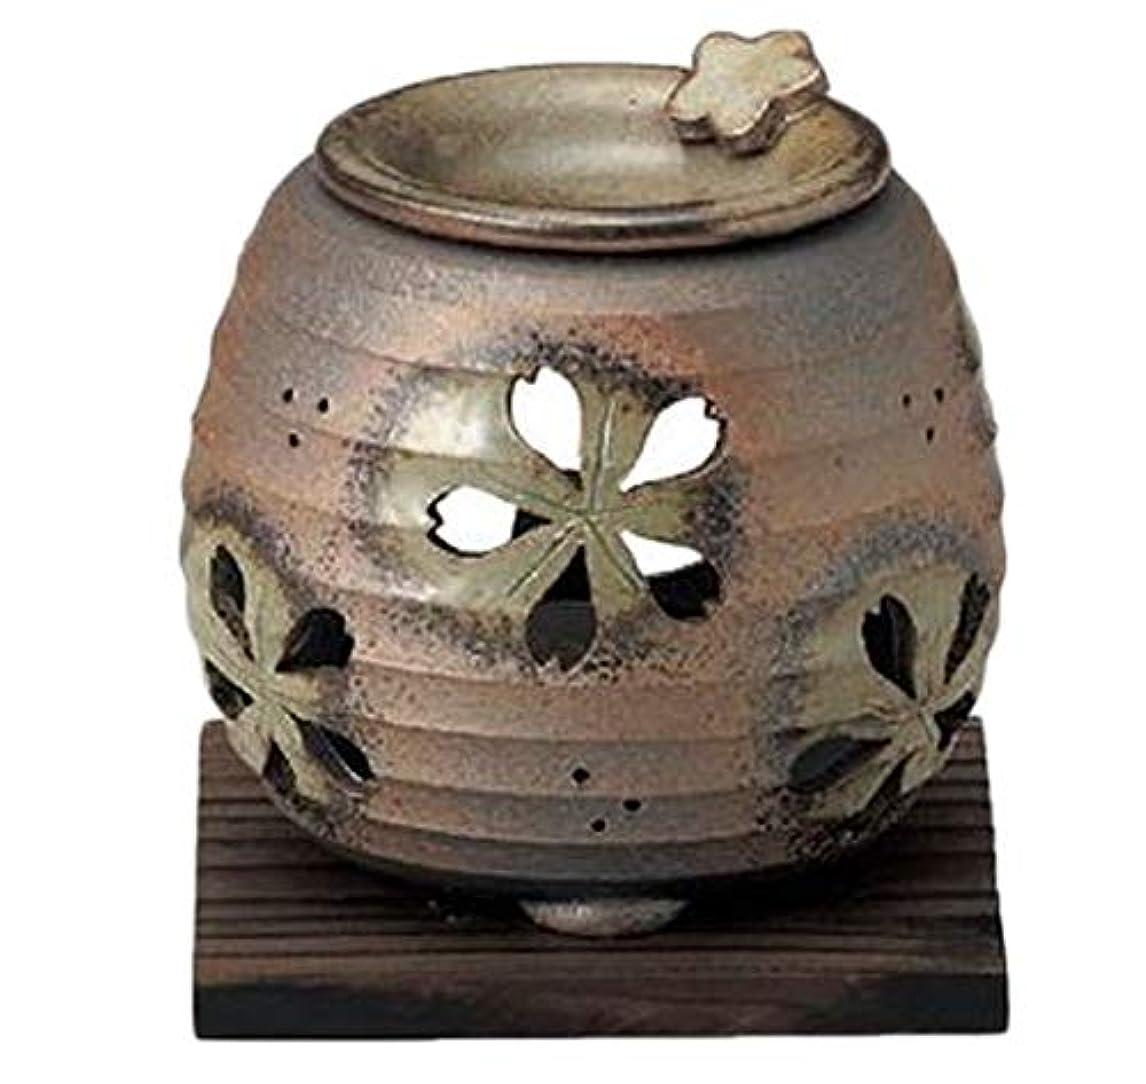 払い戻し半導体吸収常滑焼 6-249 石龍緑灰釉桜透かし茶香炉 石龍φ11×H11㎝